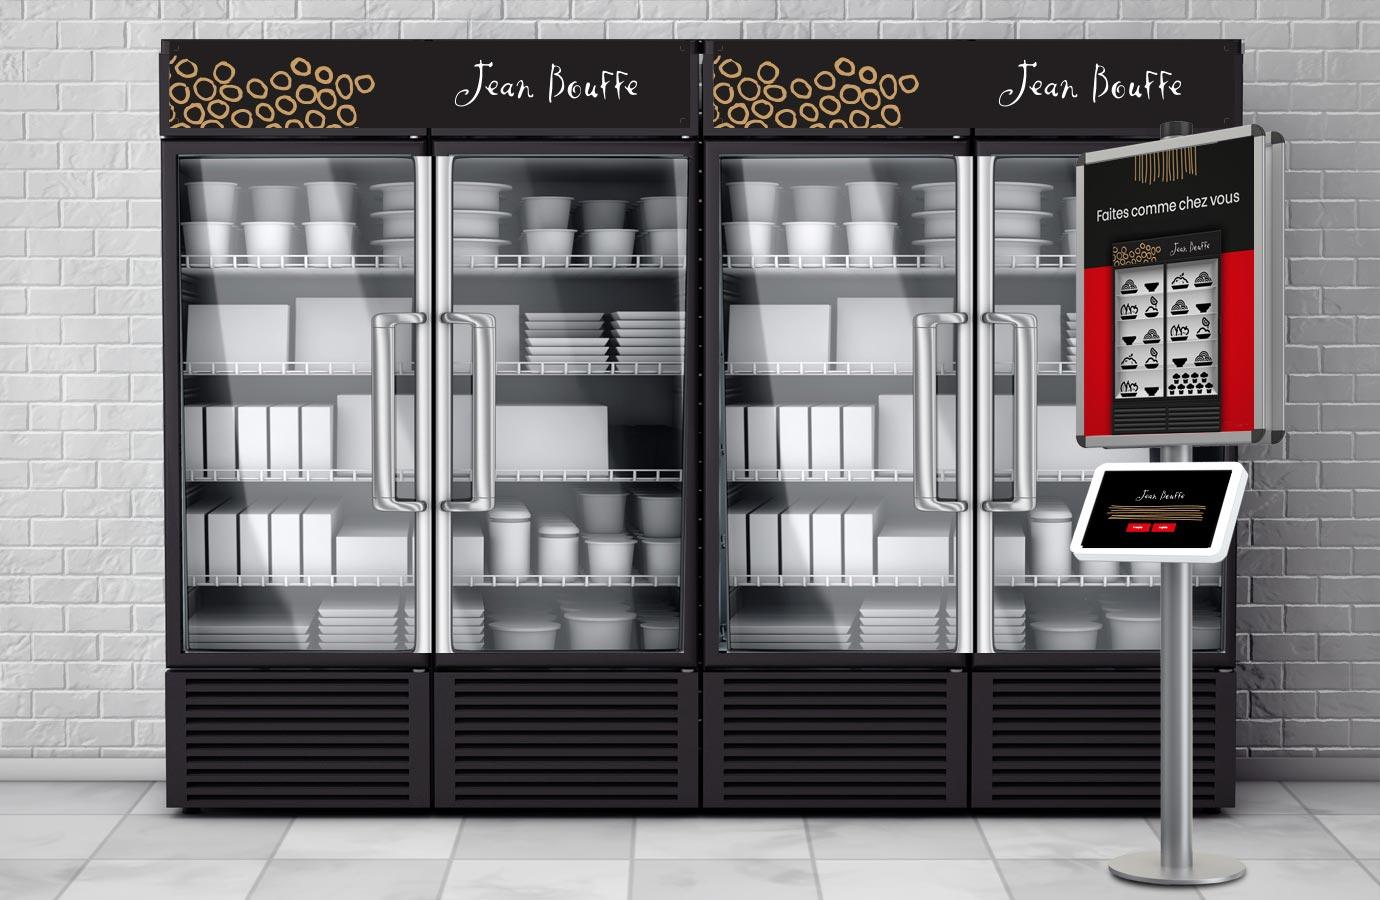 Identité, affichage service de mets préparés offerts en entreprise, par Jean Bouffe